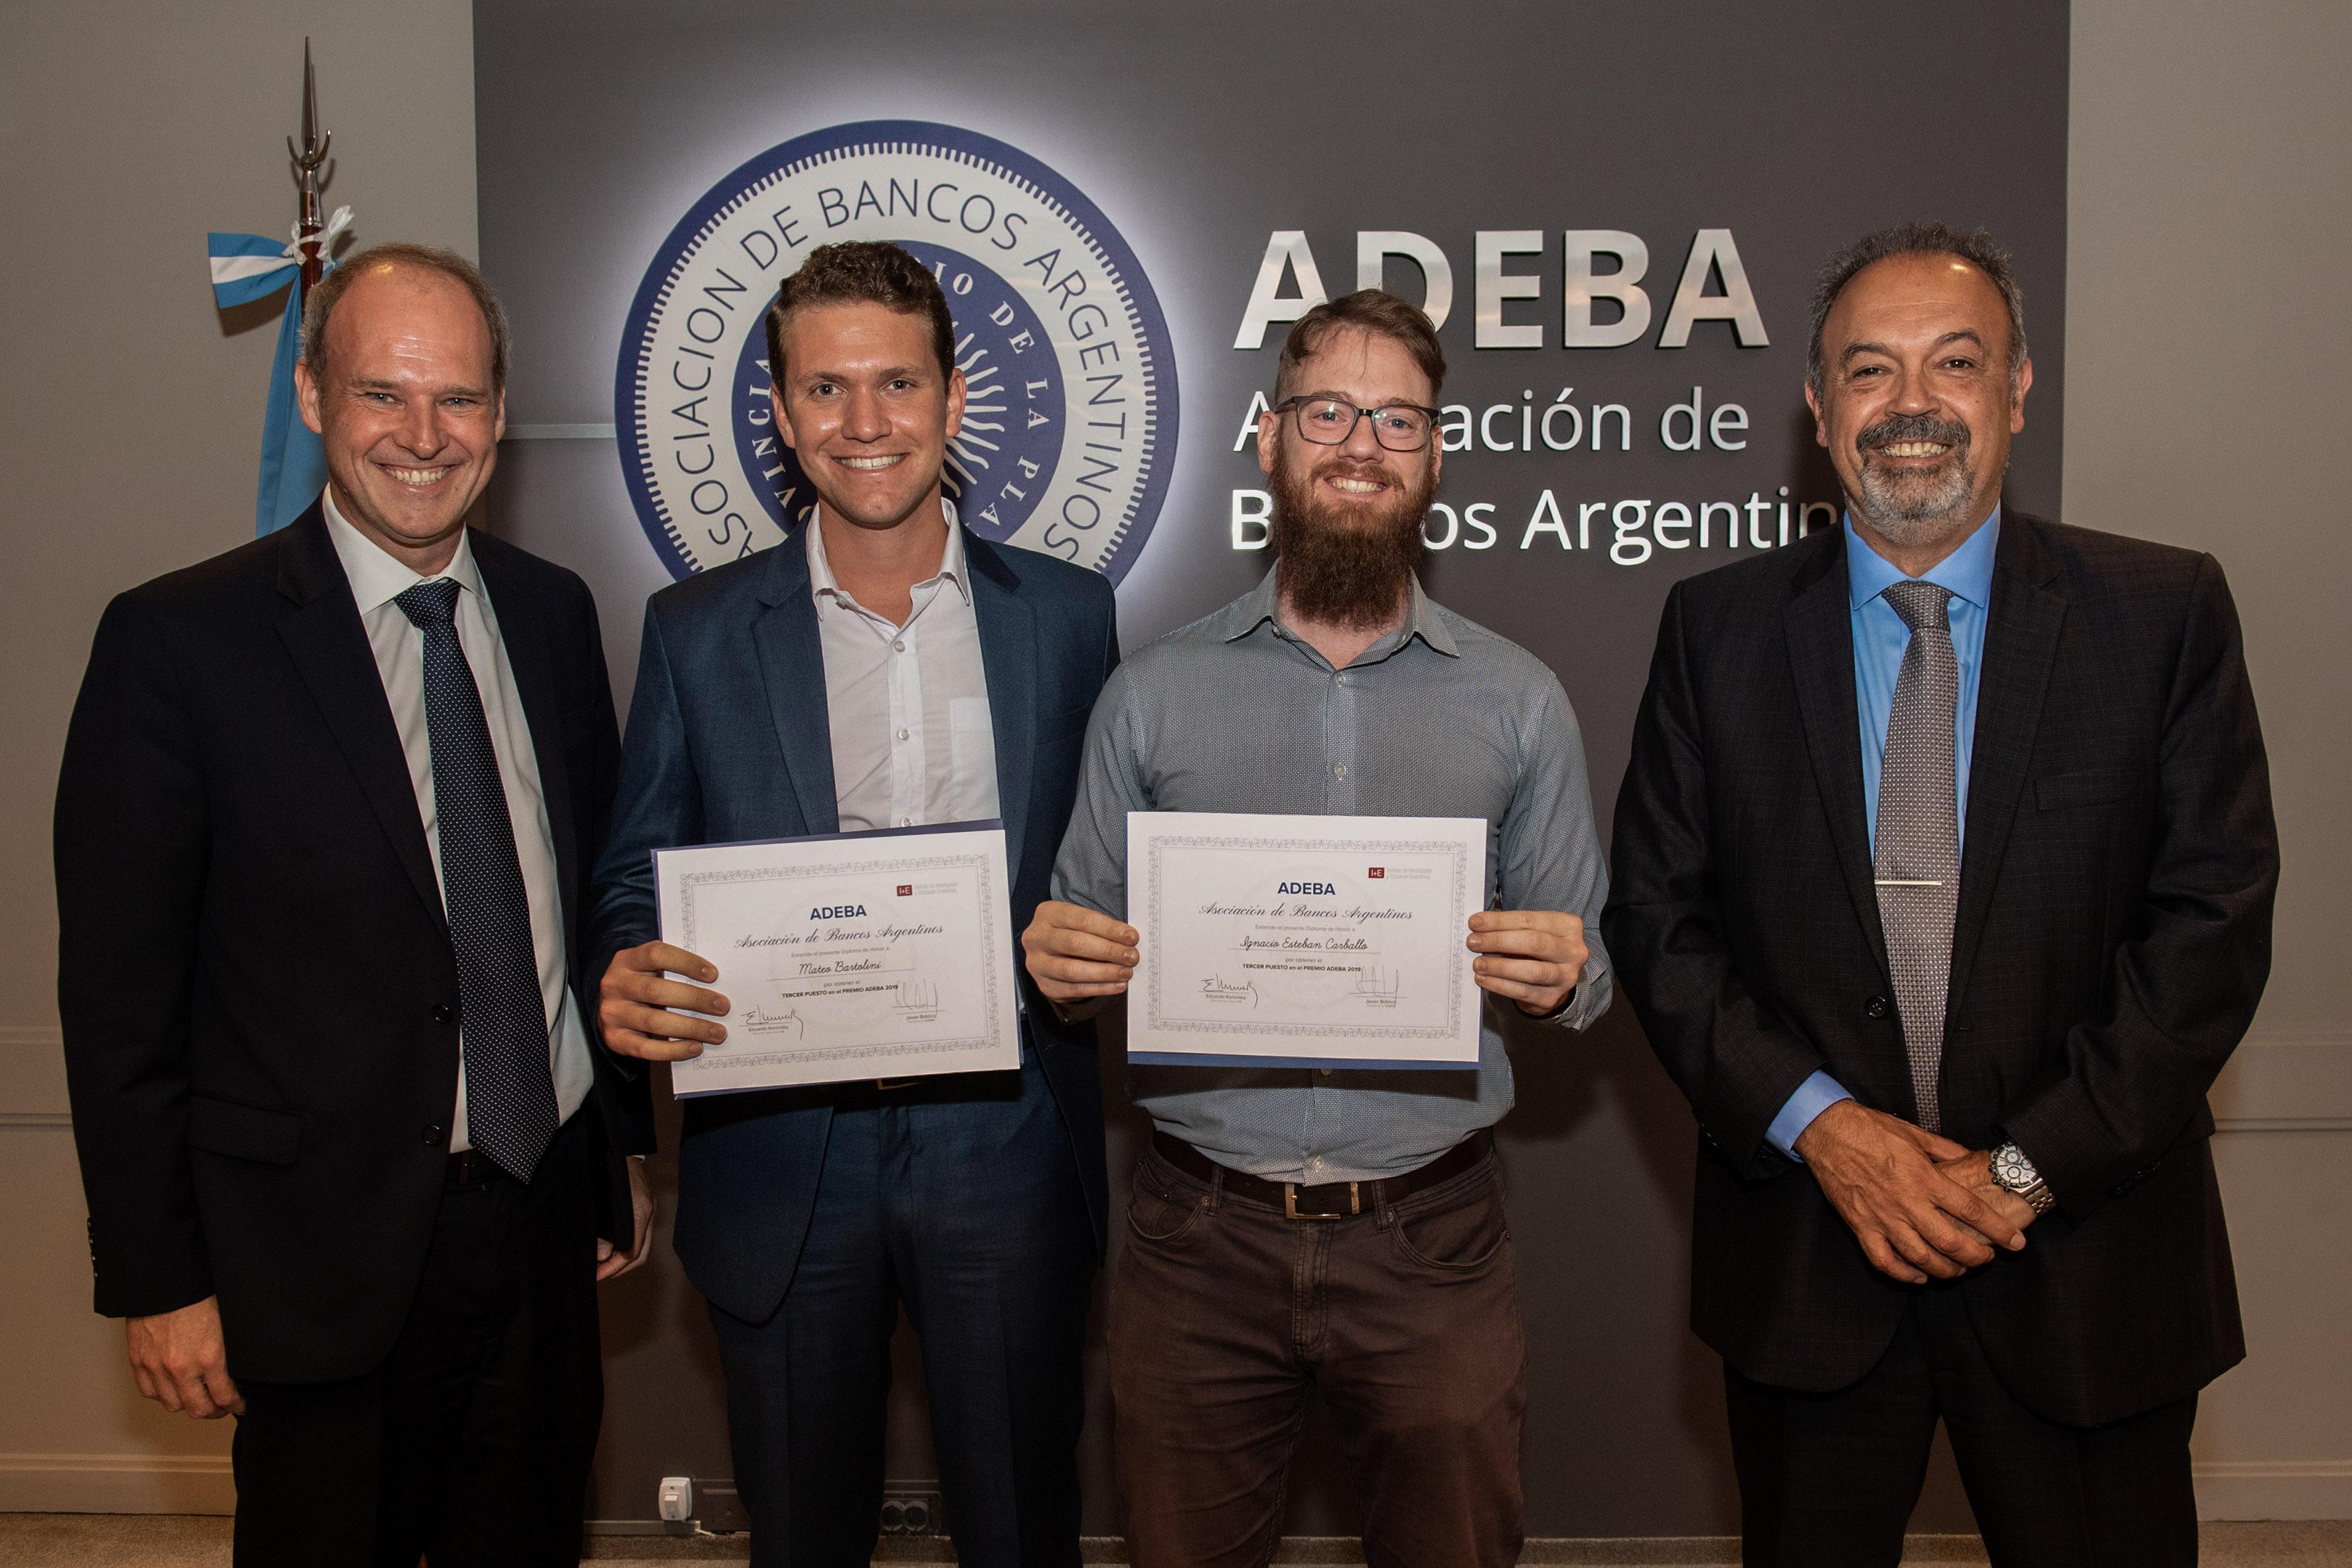 Ignacio Esteban Carballo y Mateo Bartolini con el diploma de mención especial, junto a Javier Bolzico y Alejandro Pérez